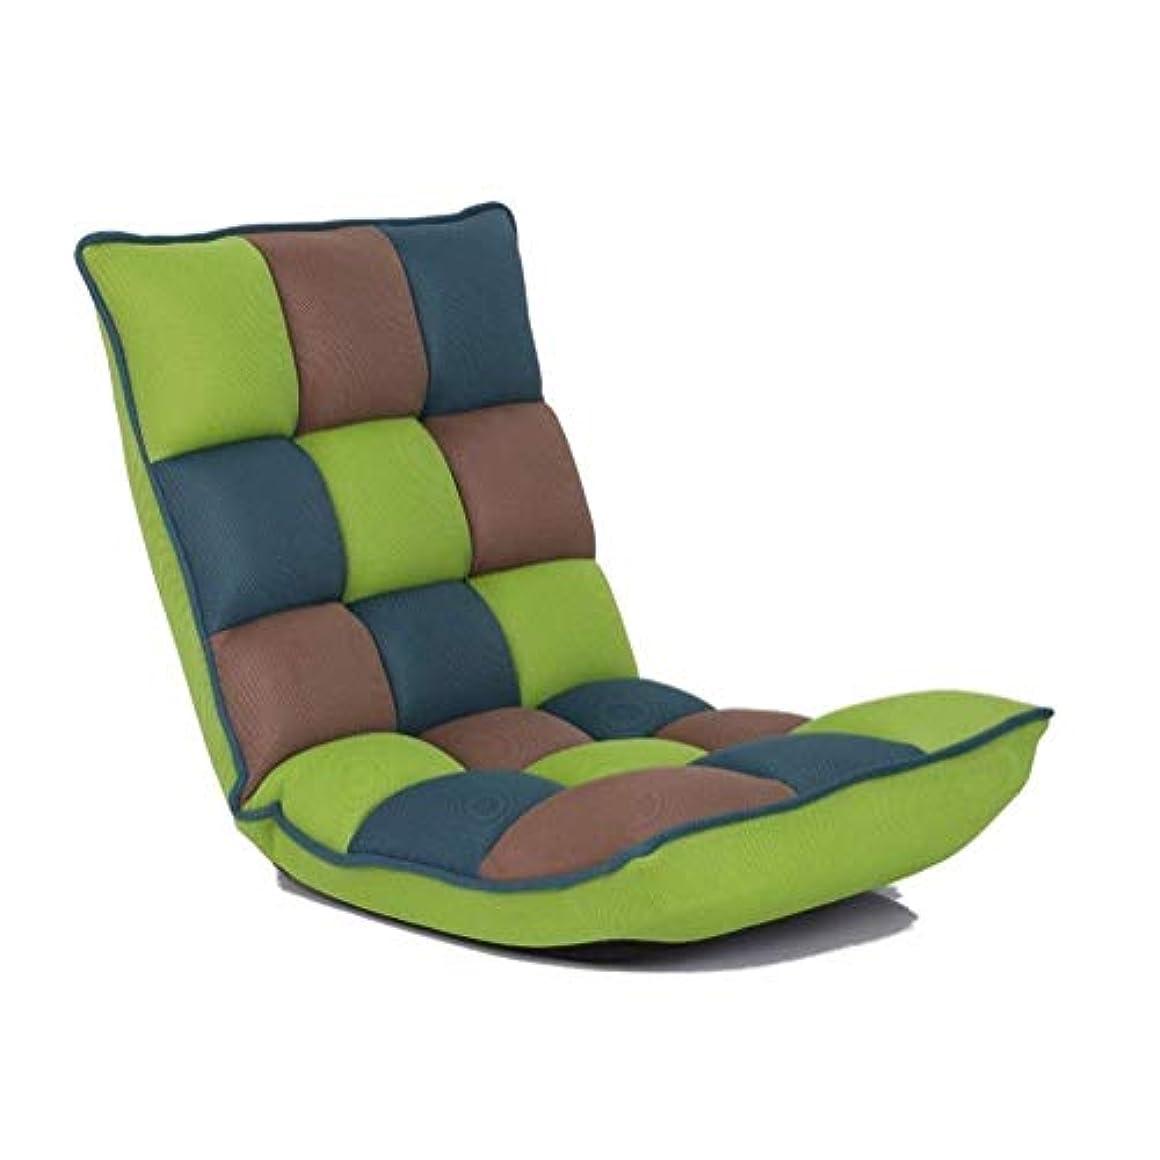 良い引用ほとんどない怠zyなソファ、シングル畳、フロアチェア、快適なベッドルームコンピュータ折りたたみ式背もたれレッグレスウィンドウチェア (Color : 緑)